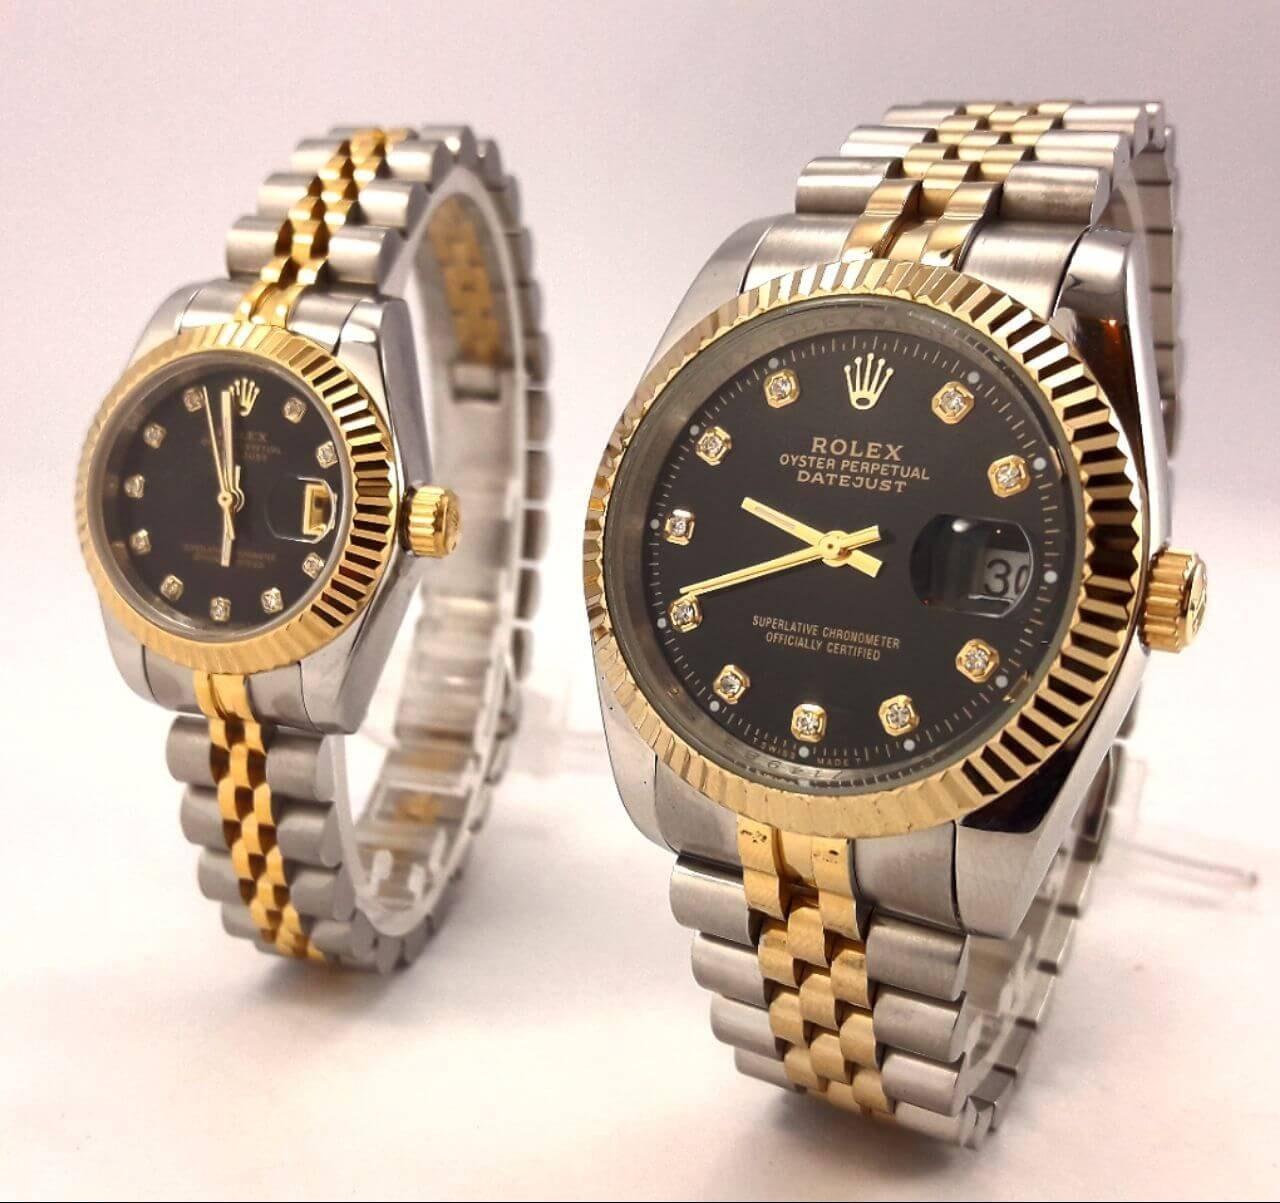 ست ساعت زنانه مردانه رولکس Rolex Datejust کد 313